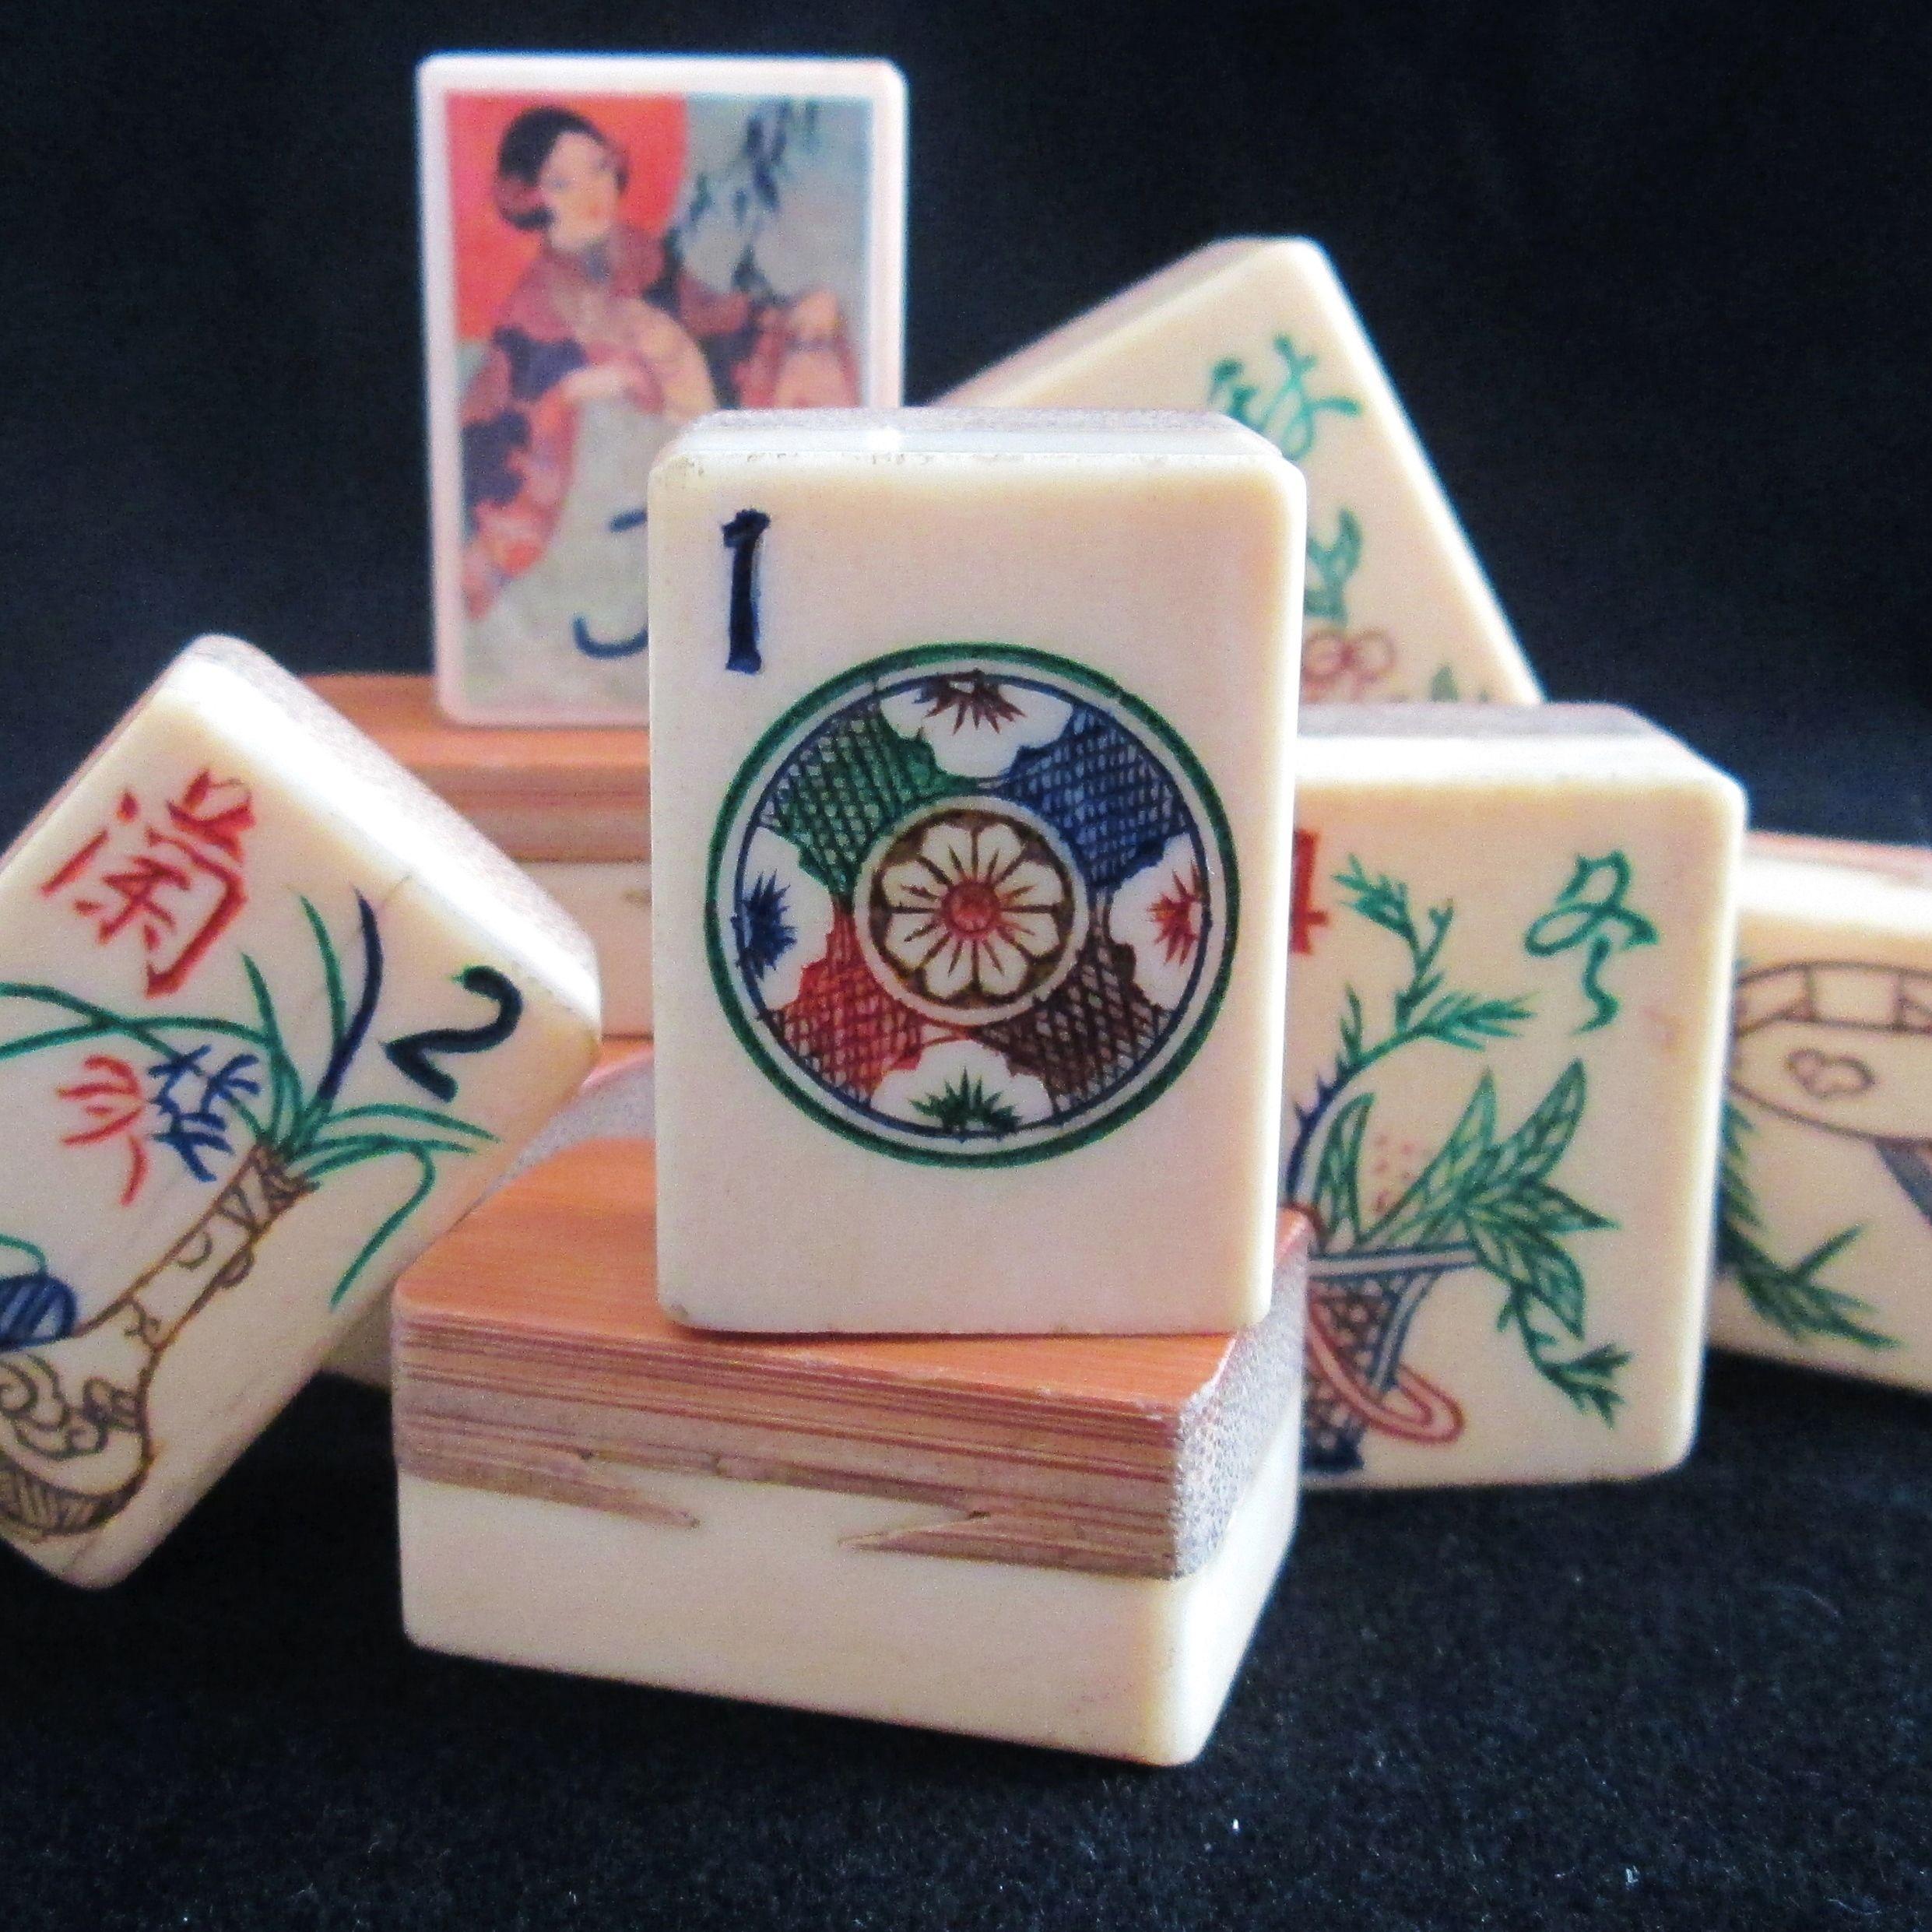 1920s Bone And Bamboo 1 Dot Mahjong Tile And Other Tiles Multicolor Fancy 1 Dot Tile Mahjong Mahjong Set Mahjong Tiles